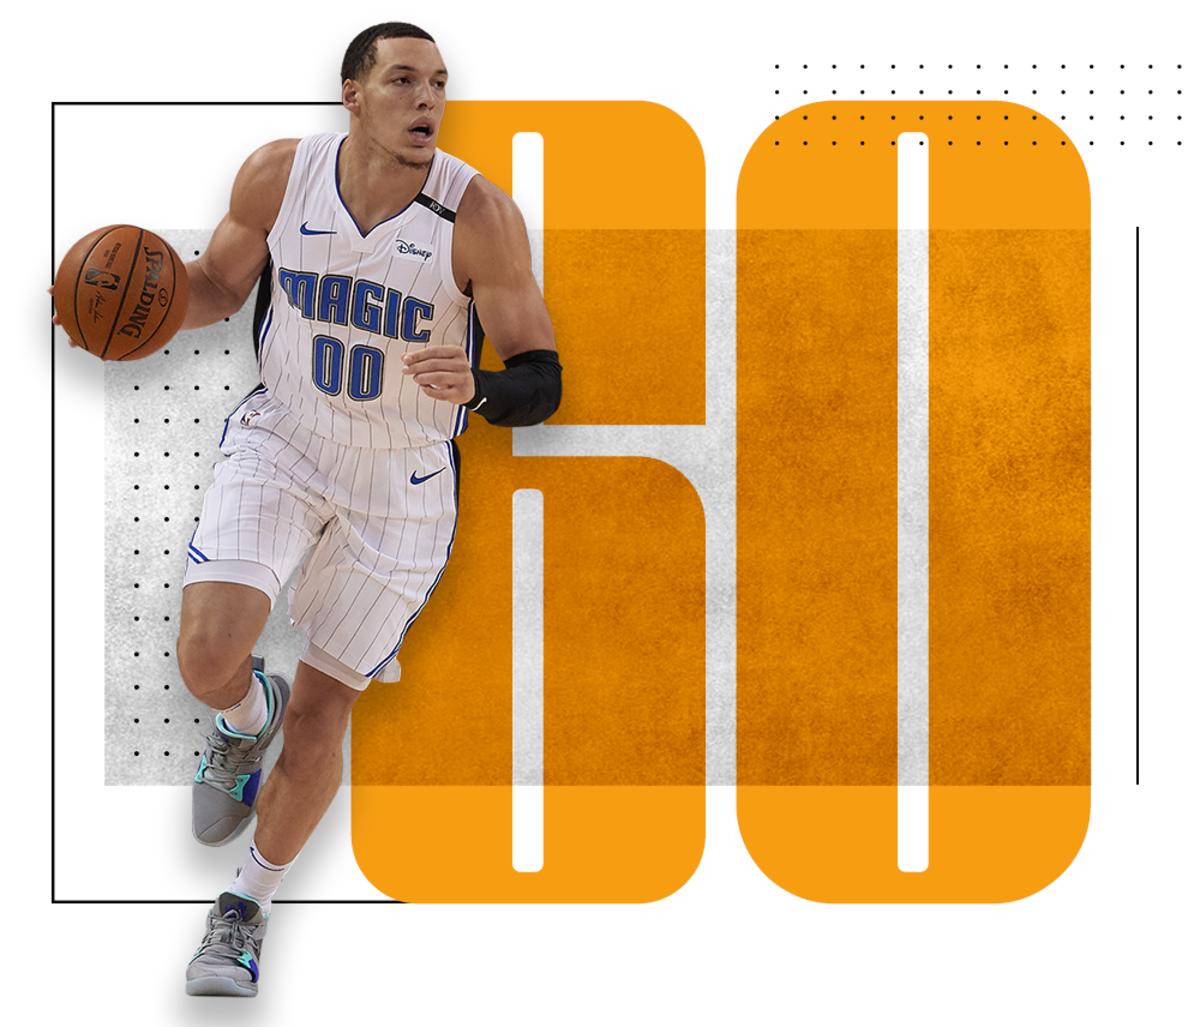 top-100-nba-players-2020-Aaron-gordon.png